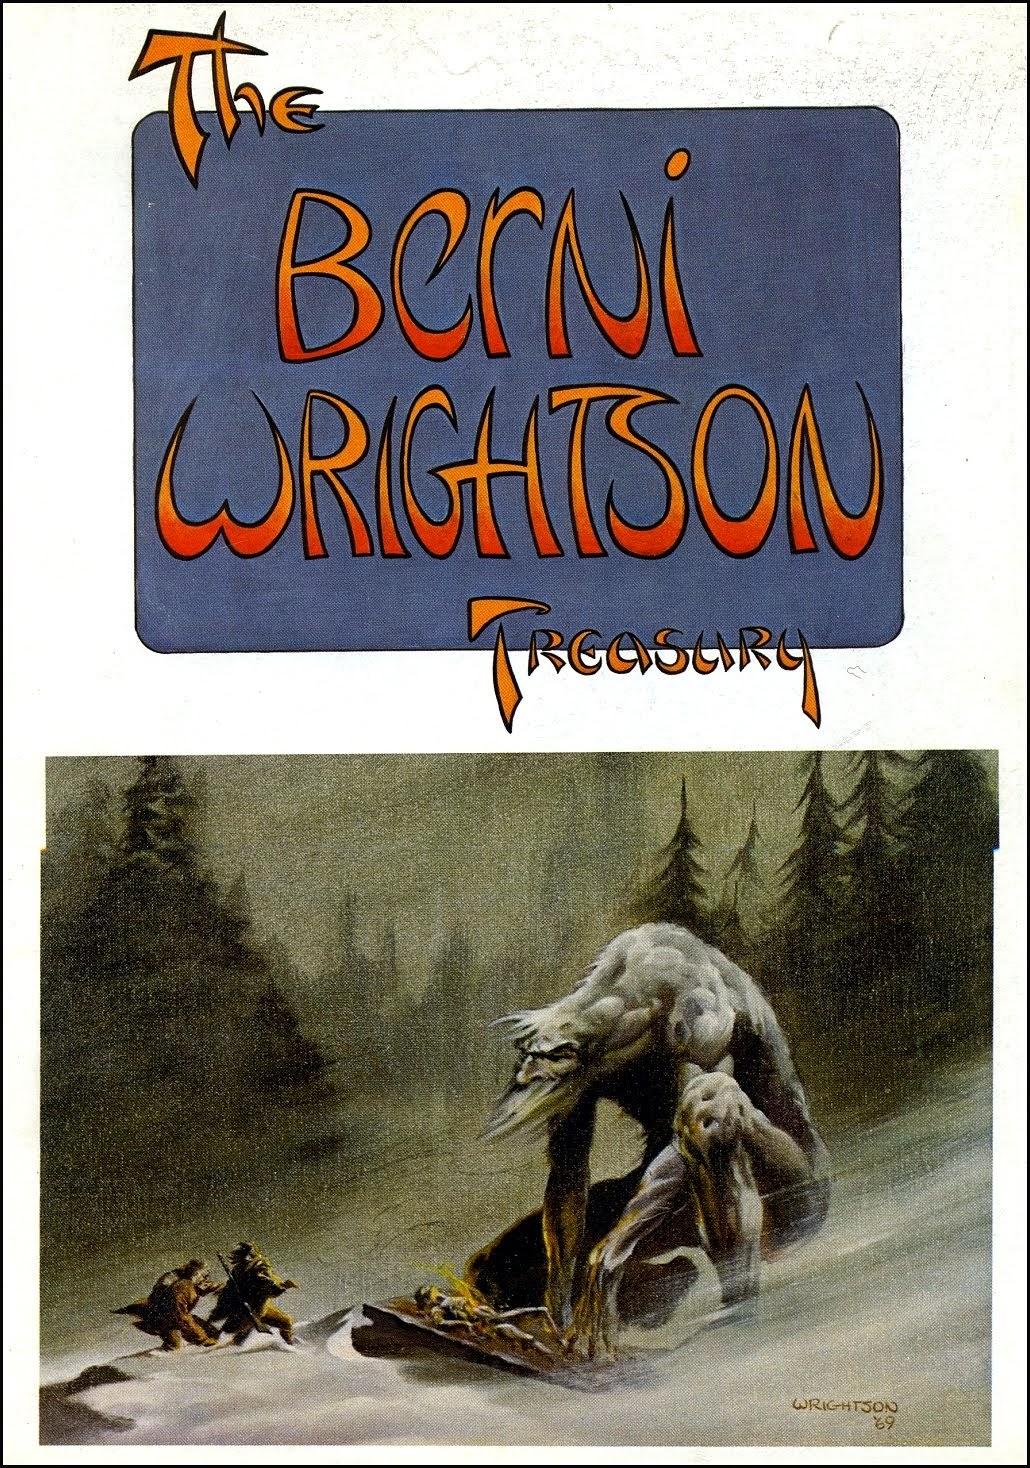 Wrighston6